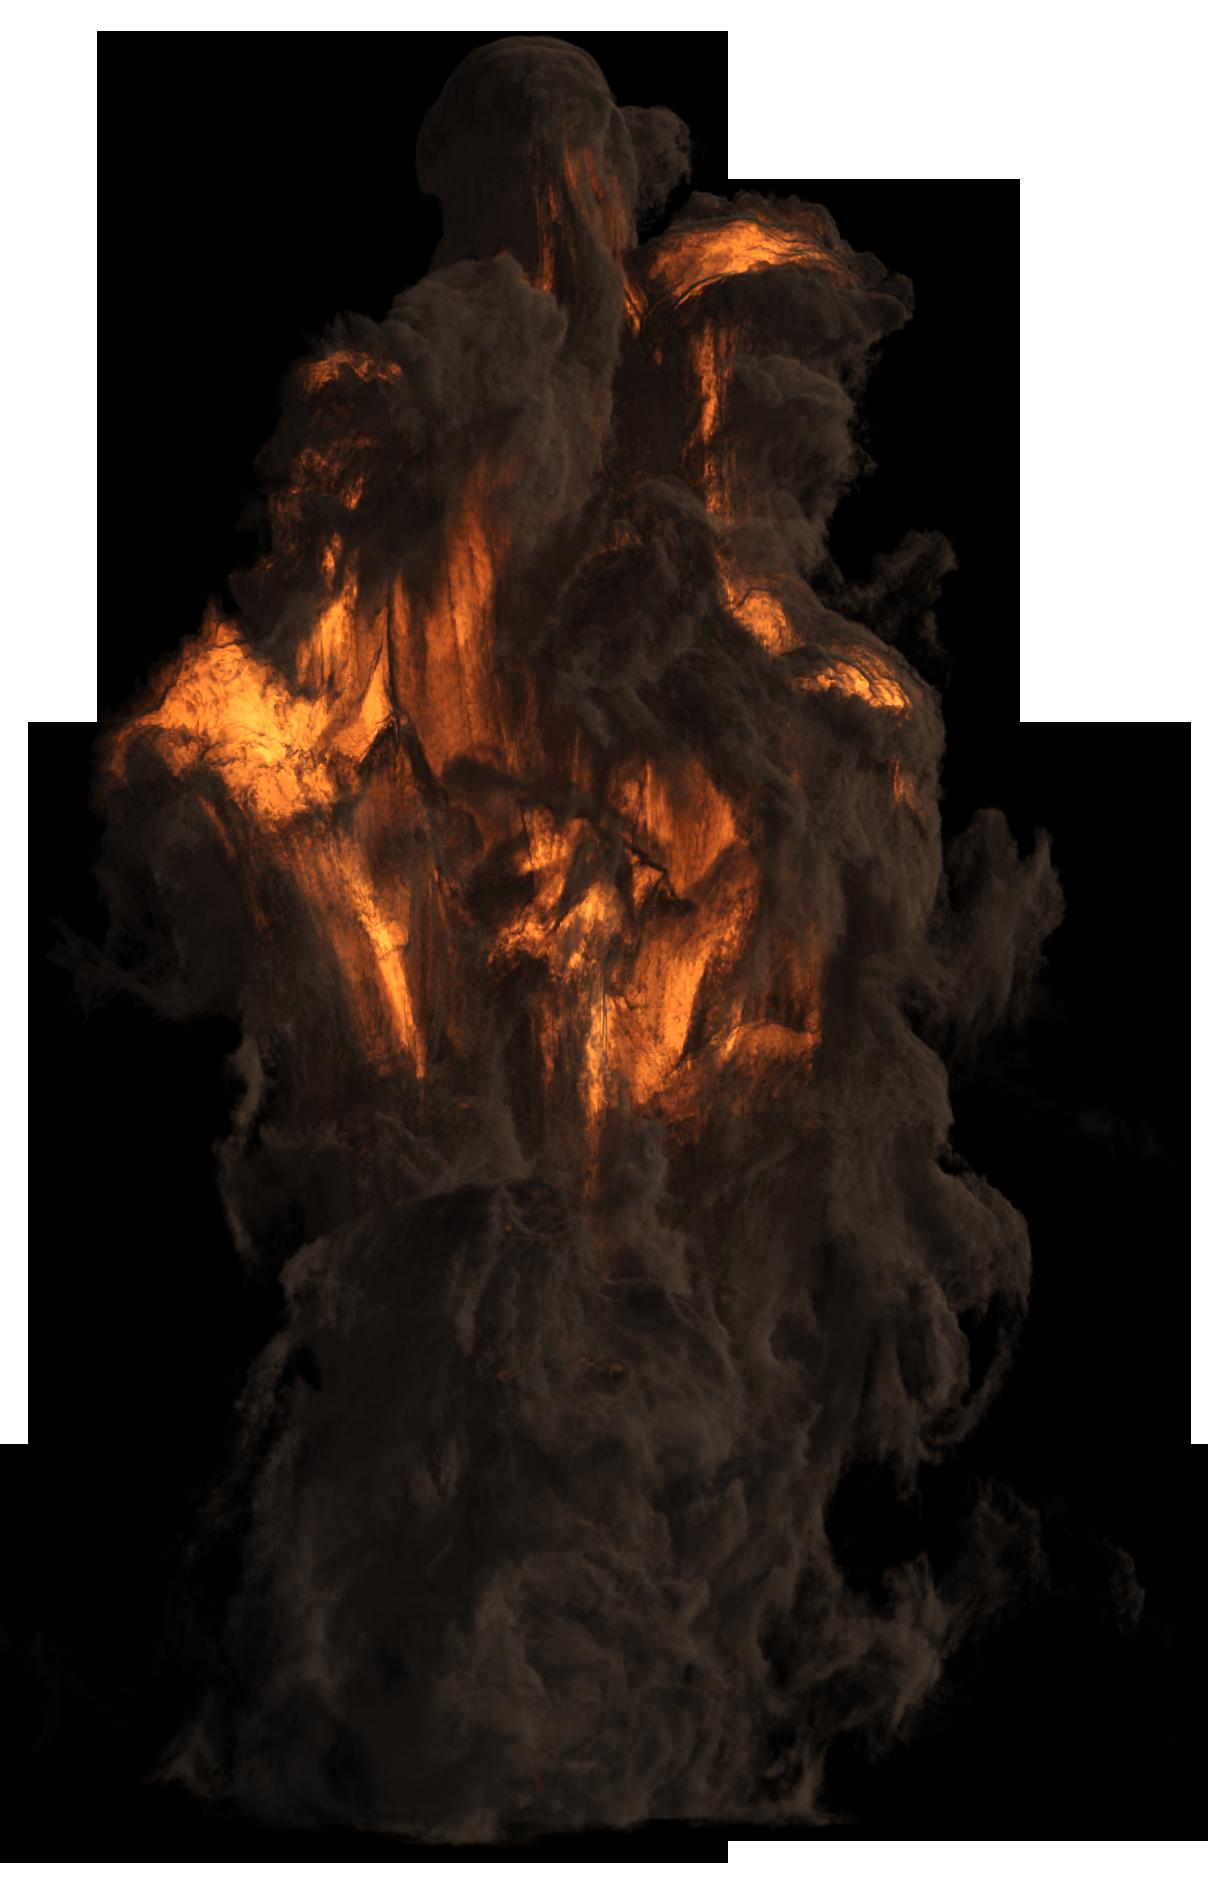 Smoking Explosion PNG Image